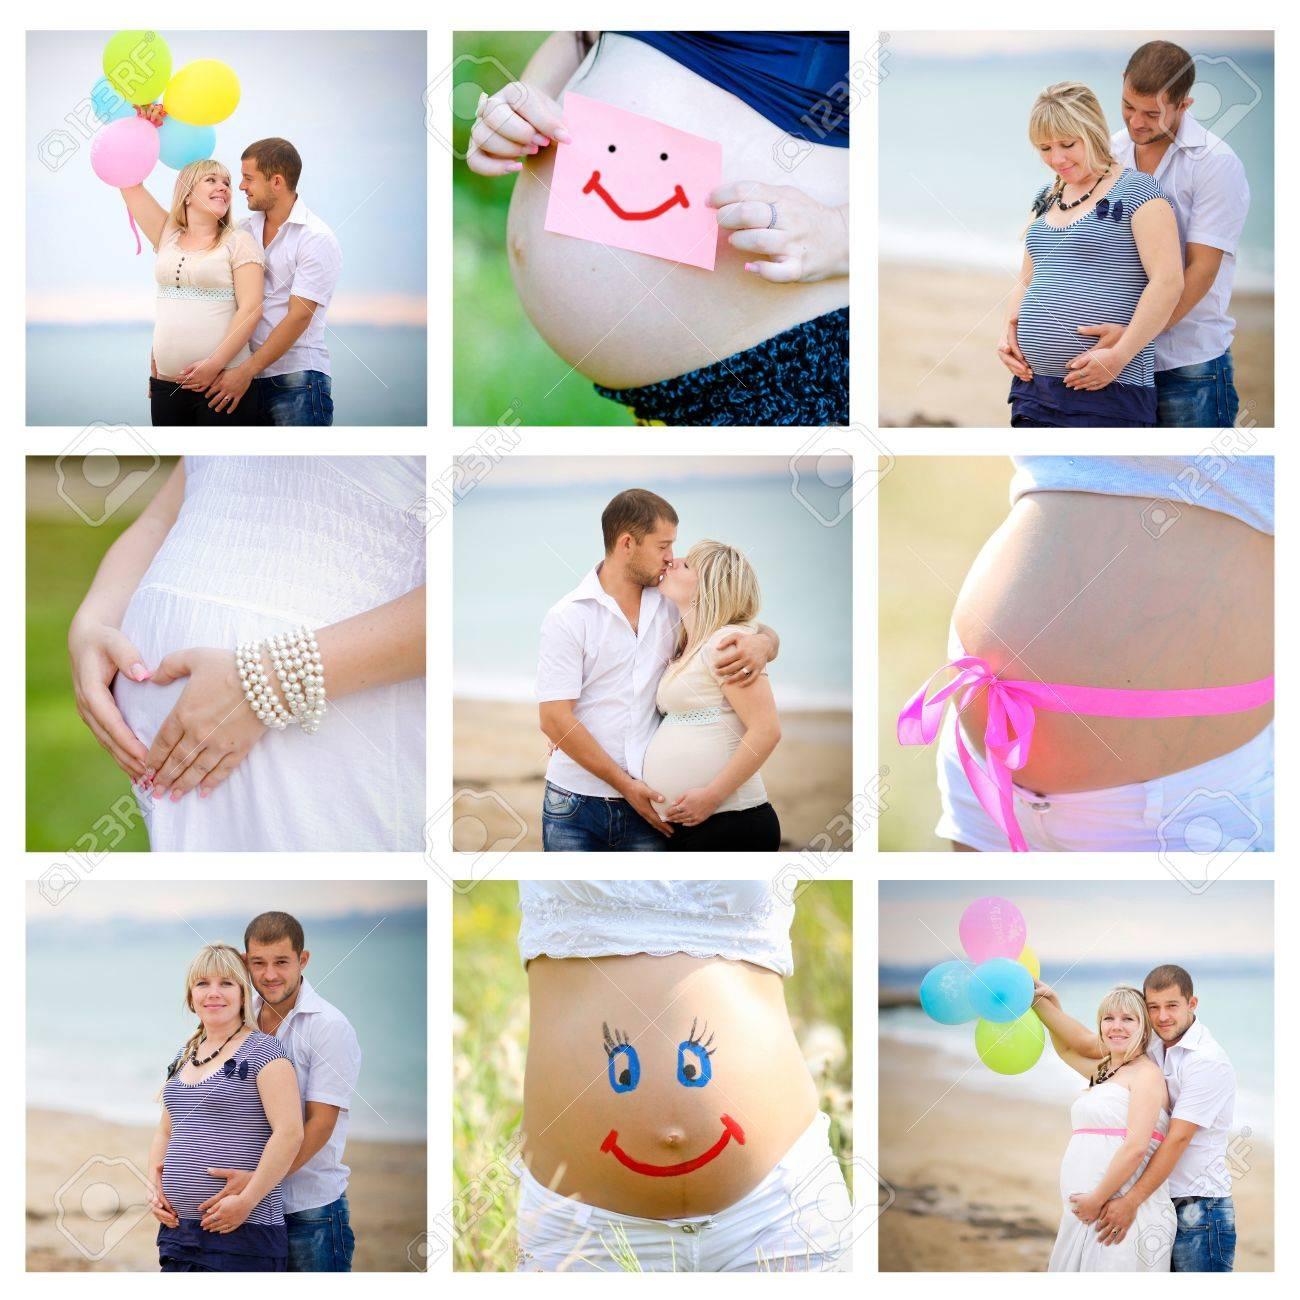 Интересные идеи для фотосессии беременных по месяцам фото живота